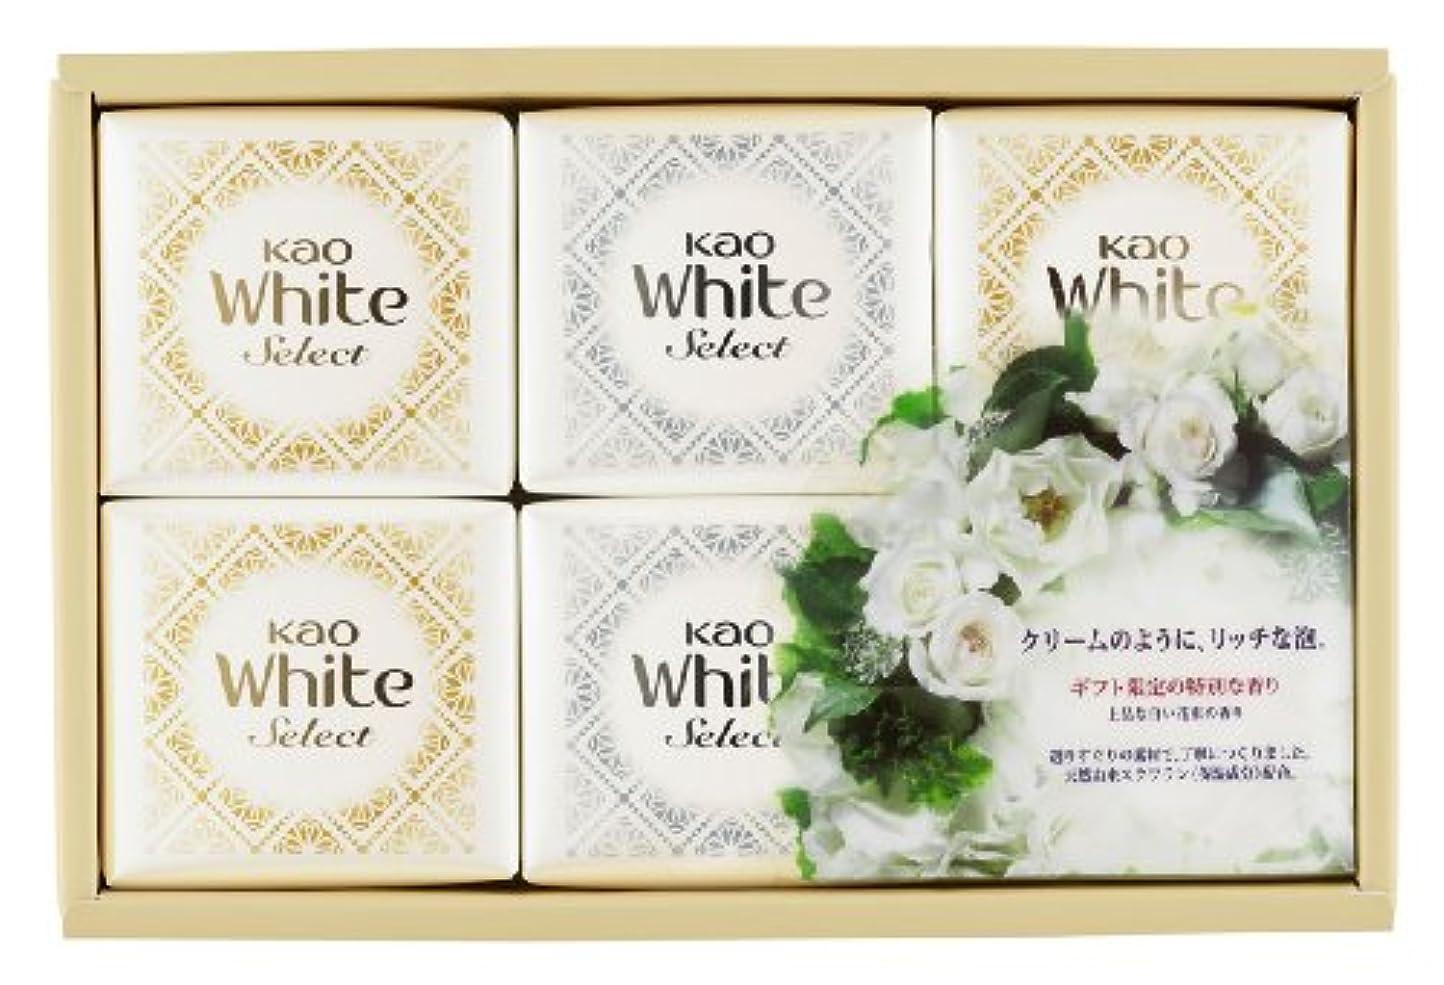 もちろん振り返る旅行花王ホワイト セレクト 上品な白い花束の香り 固形せっけん 6コ (K?WS-10)